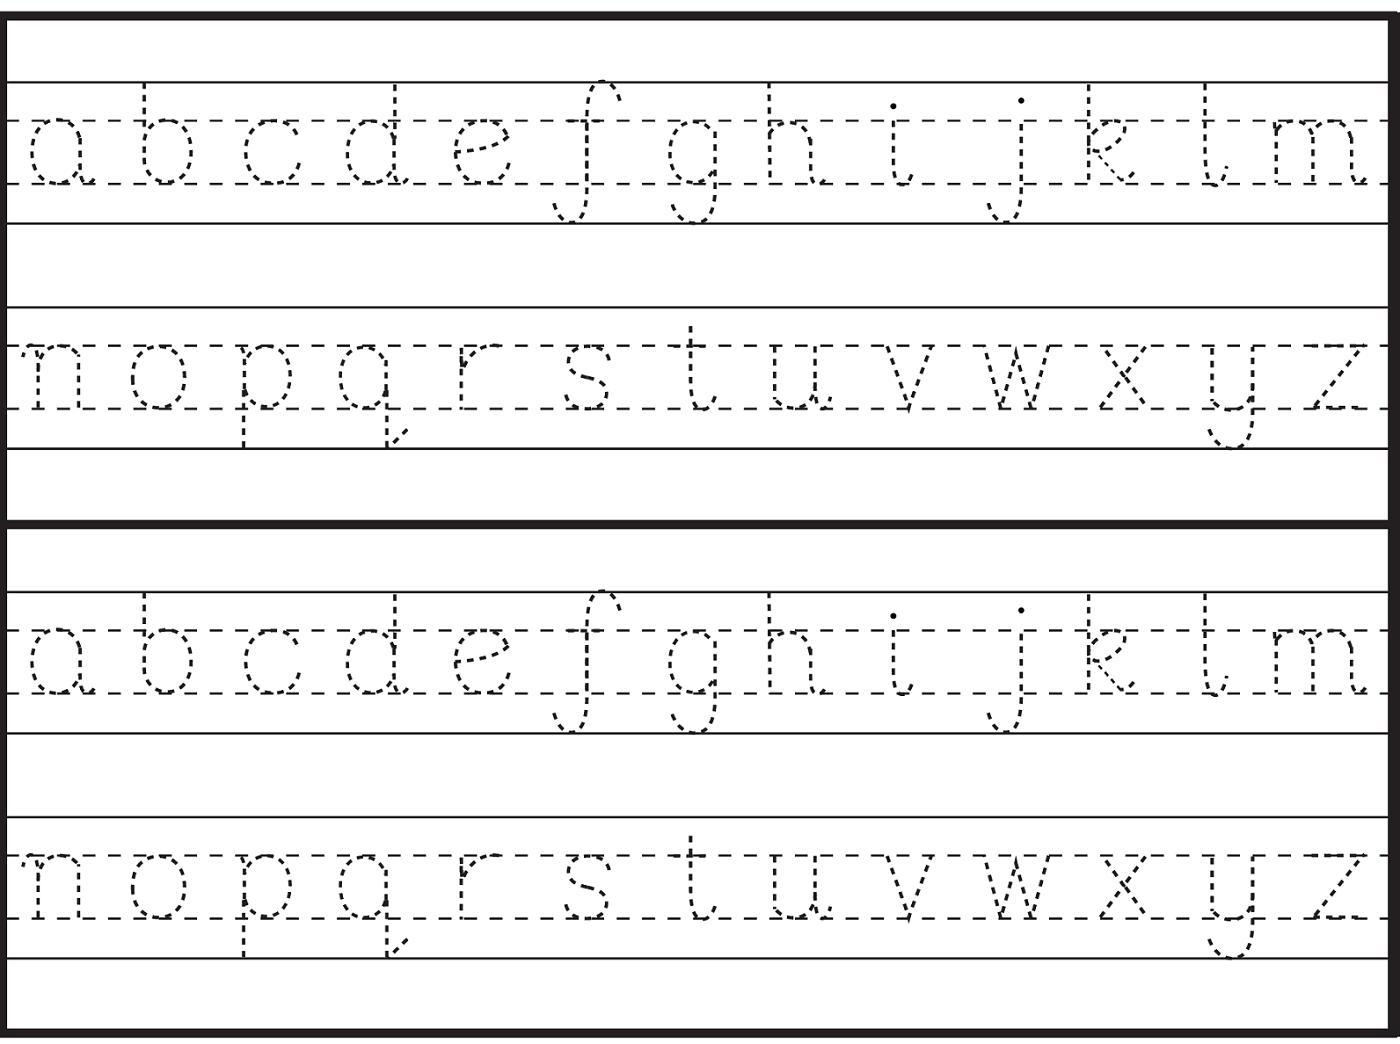 Worksheet : Kindergarten Worksheets English Alphabet 1 For Kid Math - Free Printable Alphabet Worksheets For Grade 1